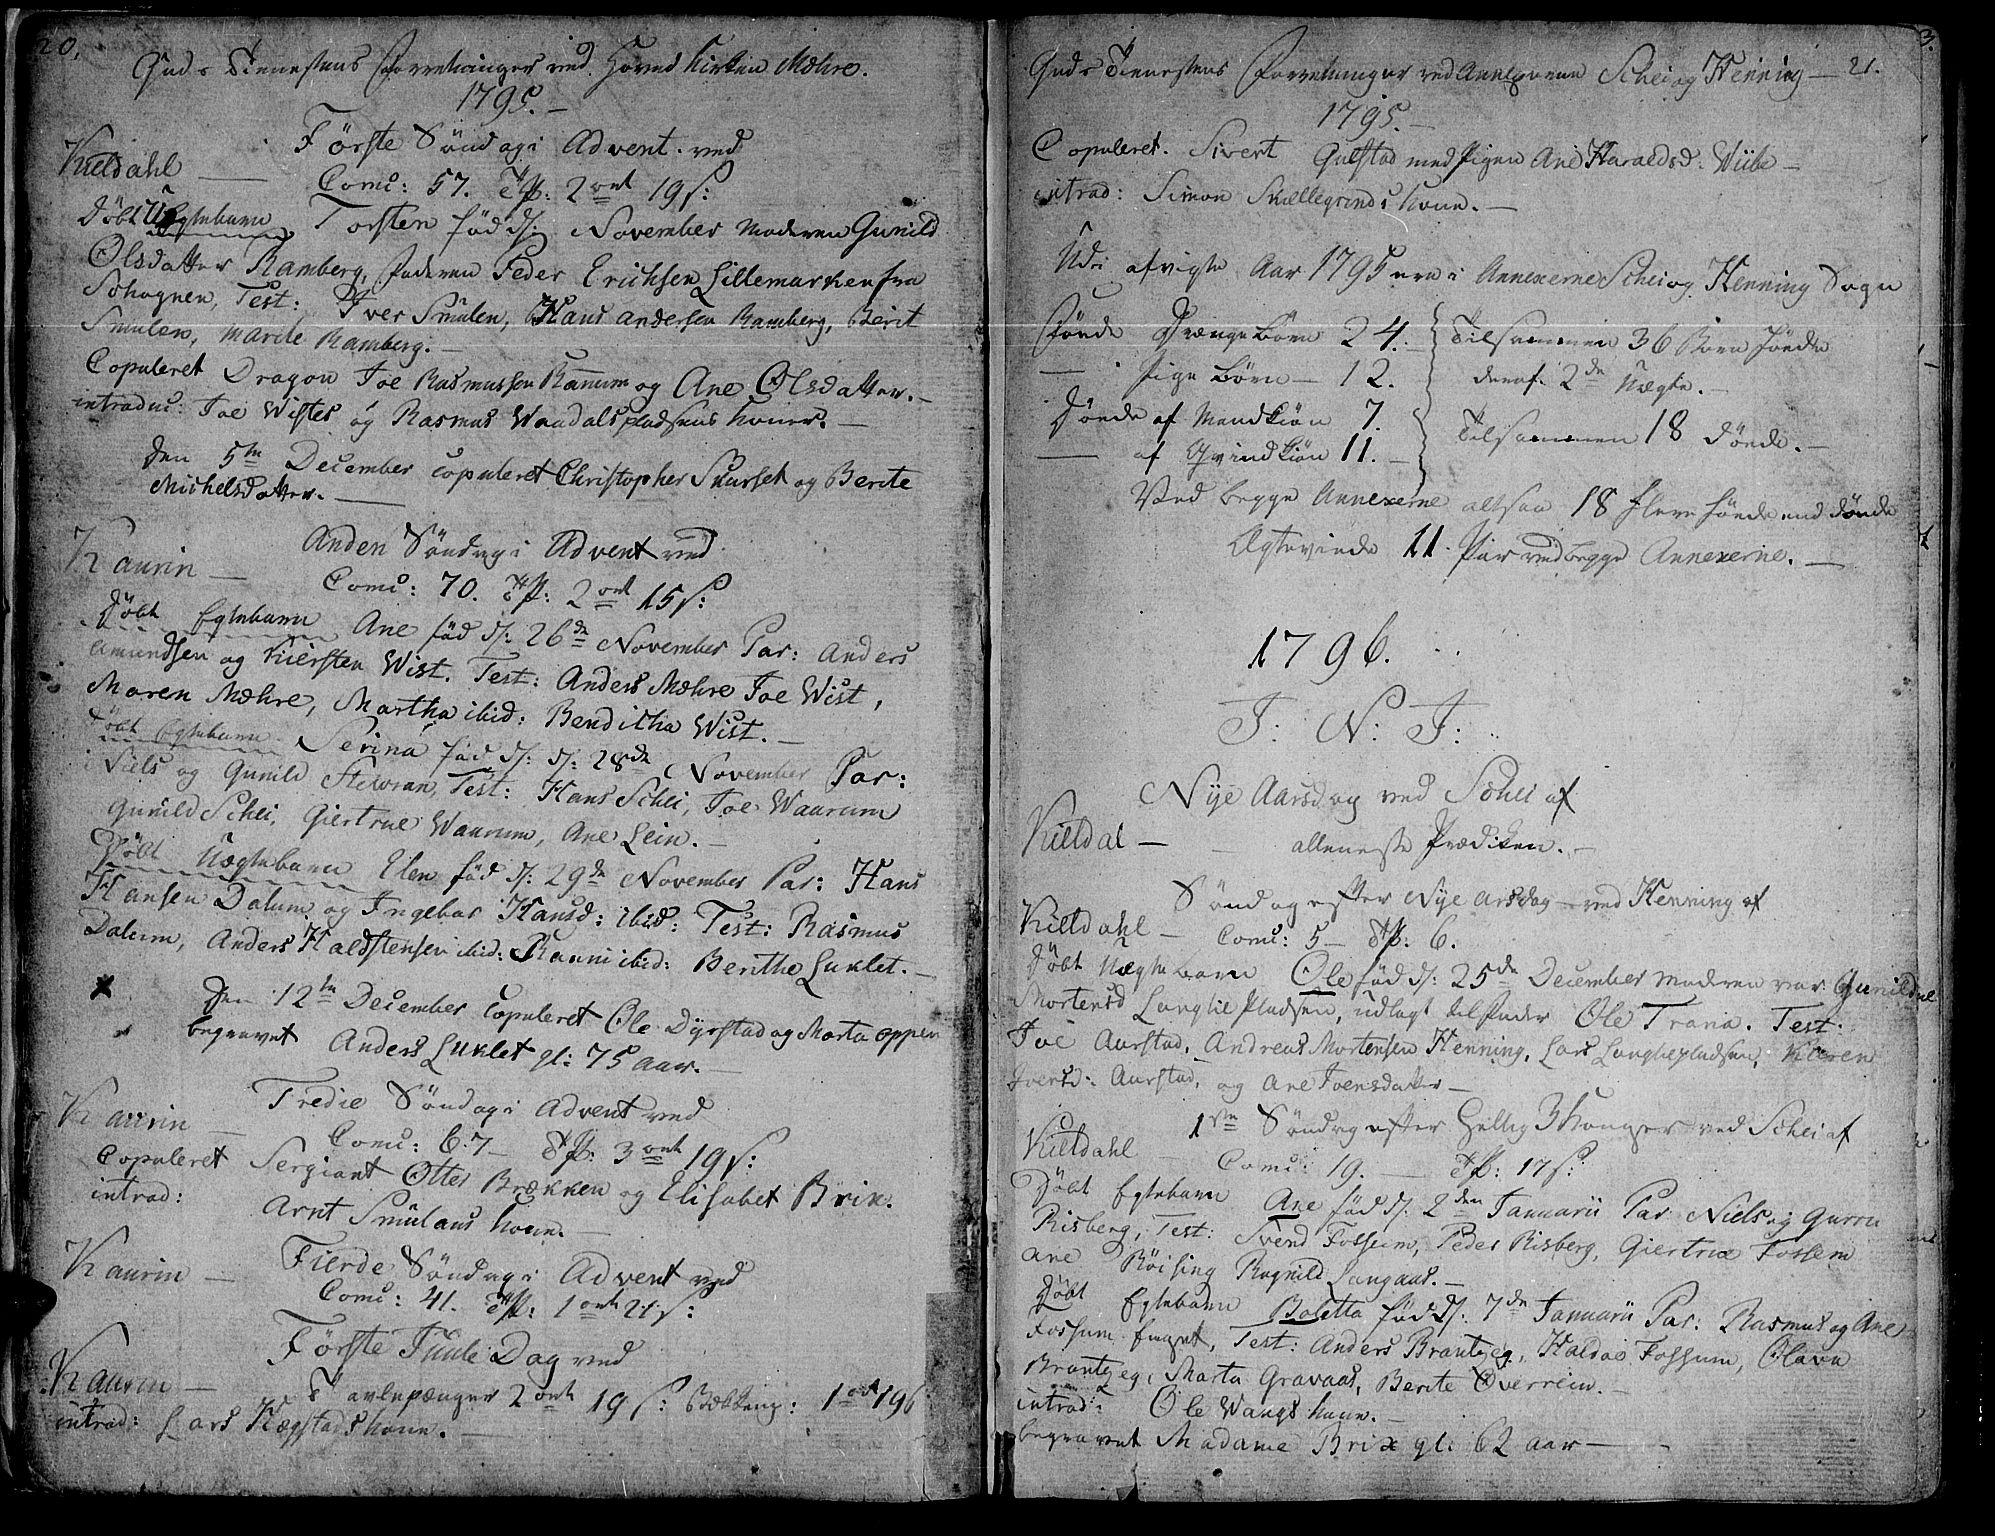 SAT, Ministerialprotokoller, klokkerbøker og fødselsregistre - Nord-Trøndelag, 735/L0332: Ministerialbok nr. 735A03, 1795-1816, s. 20-21